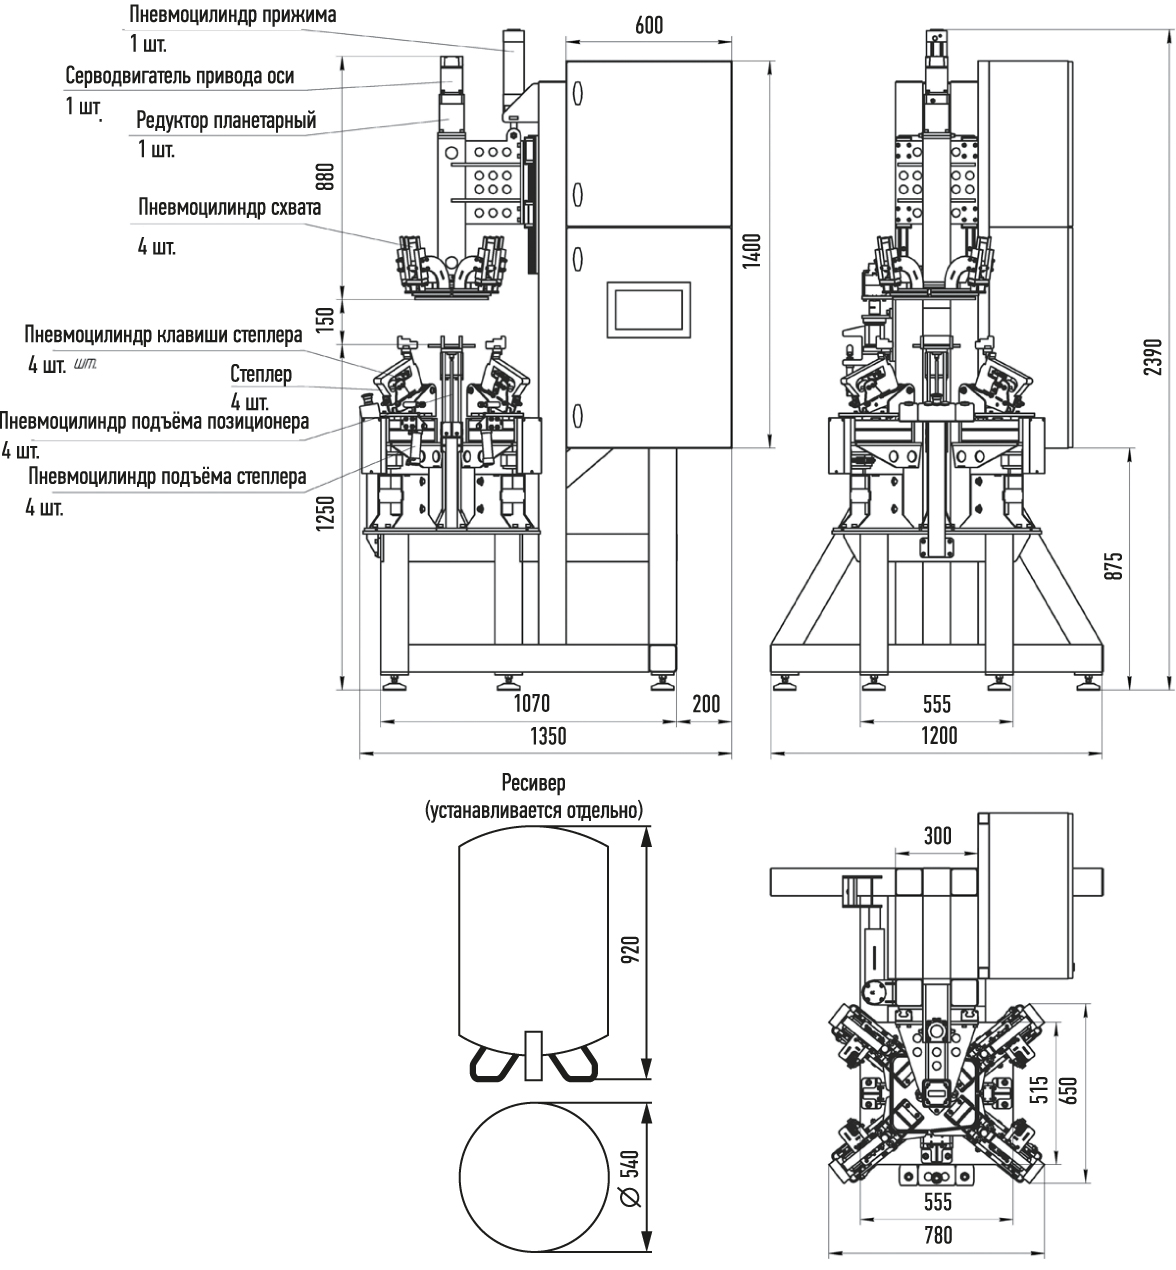 Компоновочная схема автоматического устройства для обтяжки сиденья детского стула